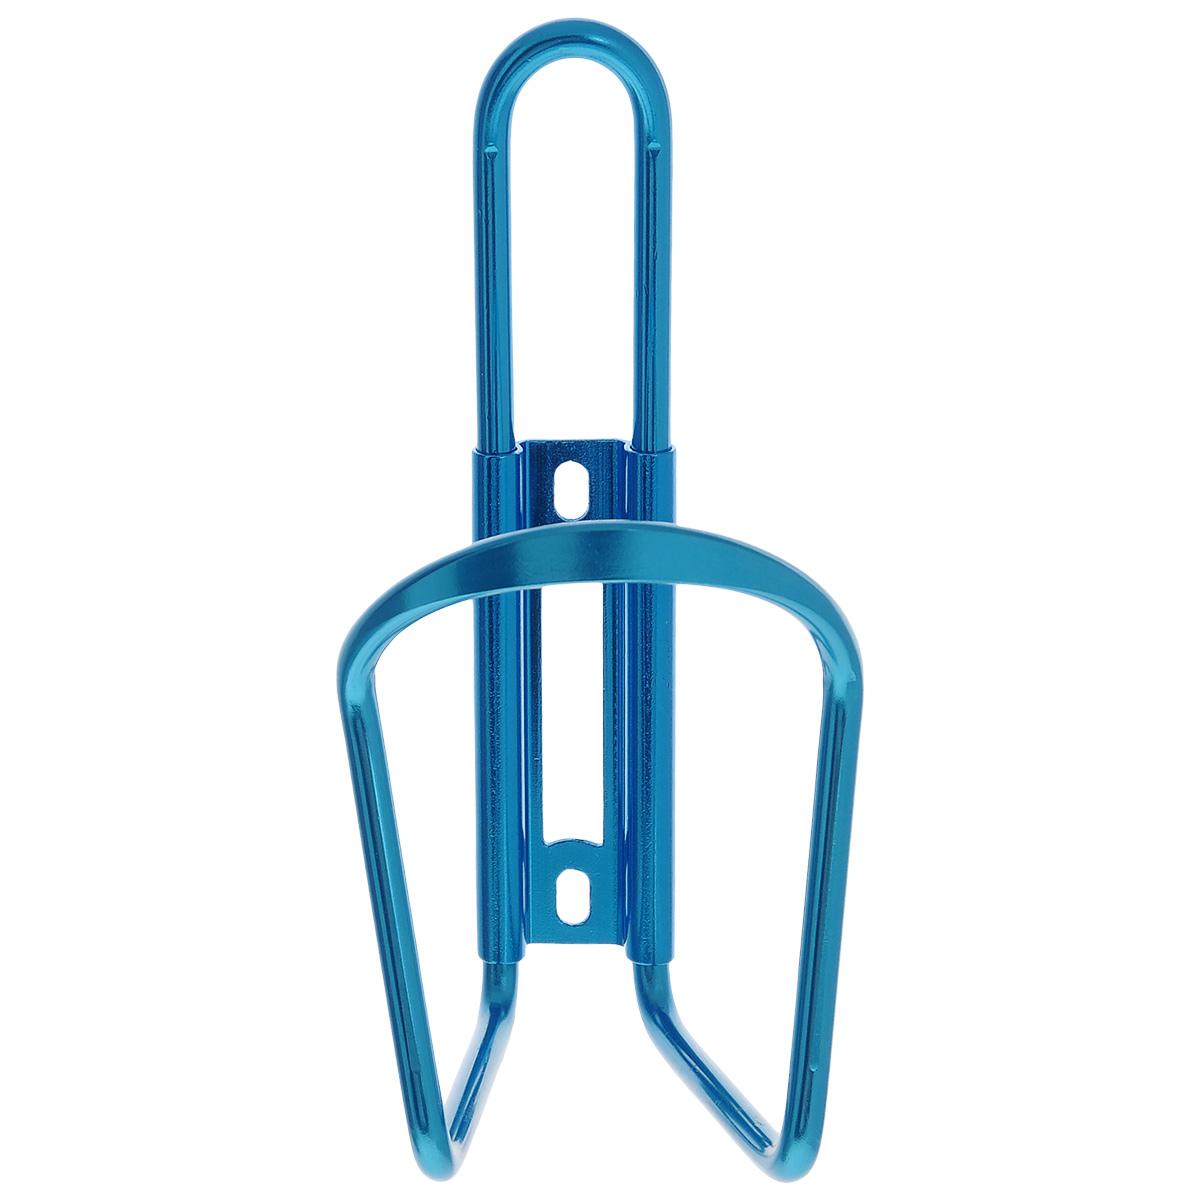 Флягодержатель Larsen, цвет: синийH20BHАлюминиевый флягодержатель Larsen, способный удерживать не только велофлягу, но и обычные пластиковые бутылки, закрепляется на раме велосипеда. Это незаменимая вещь для спортсменов и любителей длительных велосипедных прогулок. Благодаря держателю, фляга с водой будет у вас всегда под рукой. Держатель подходит для бутылок объемом от 0,5 л до 1 л и диаметром 6-10 см.